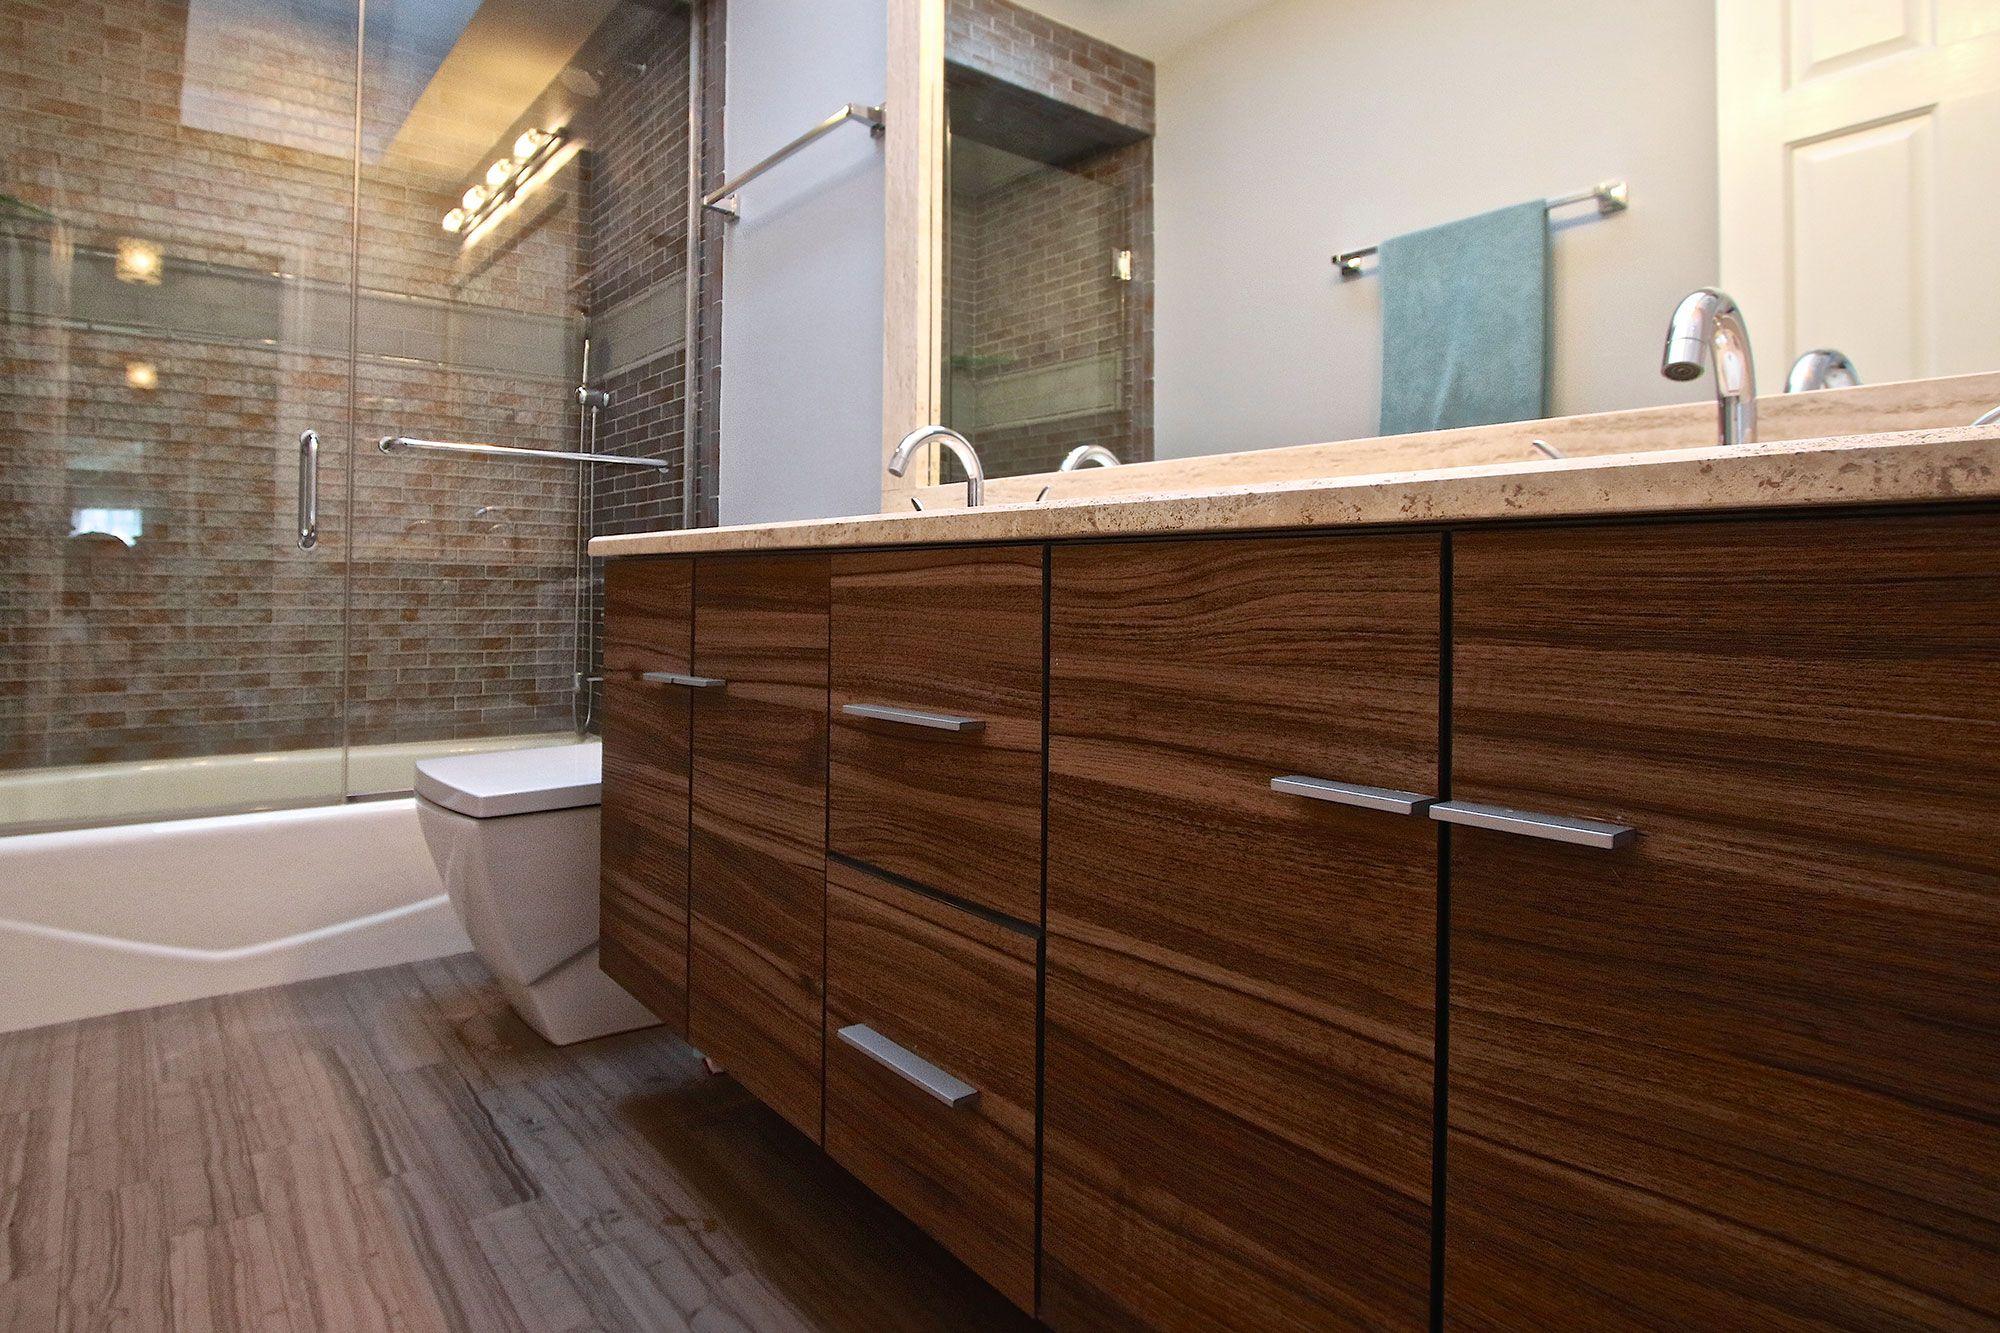 Melamine Bath Cabinets Photo Slideshow | Kitchen Cabinets & Bathroom Vanity Cabinets |